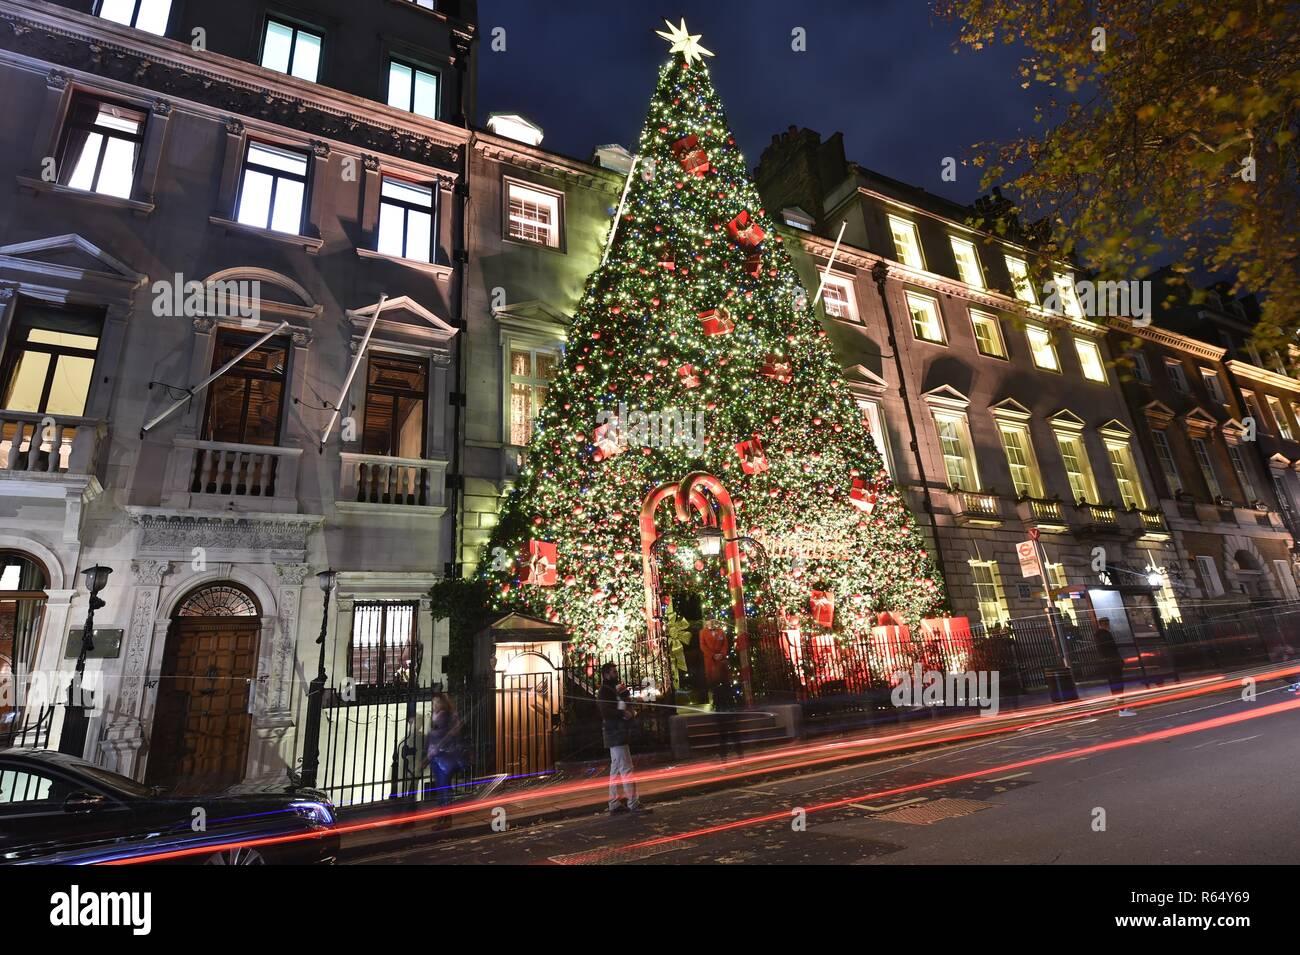 Christmas 2018 - Stock Image